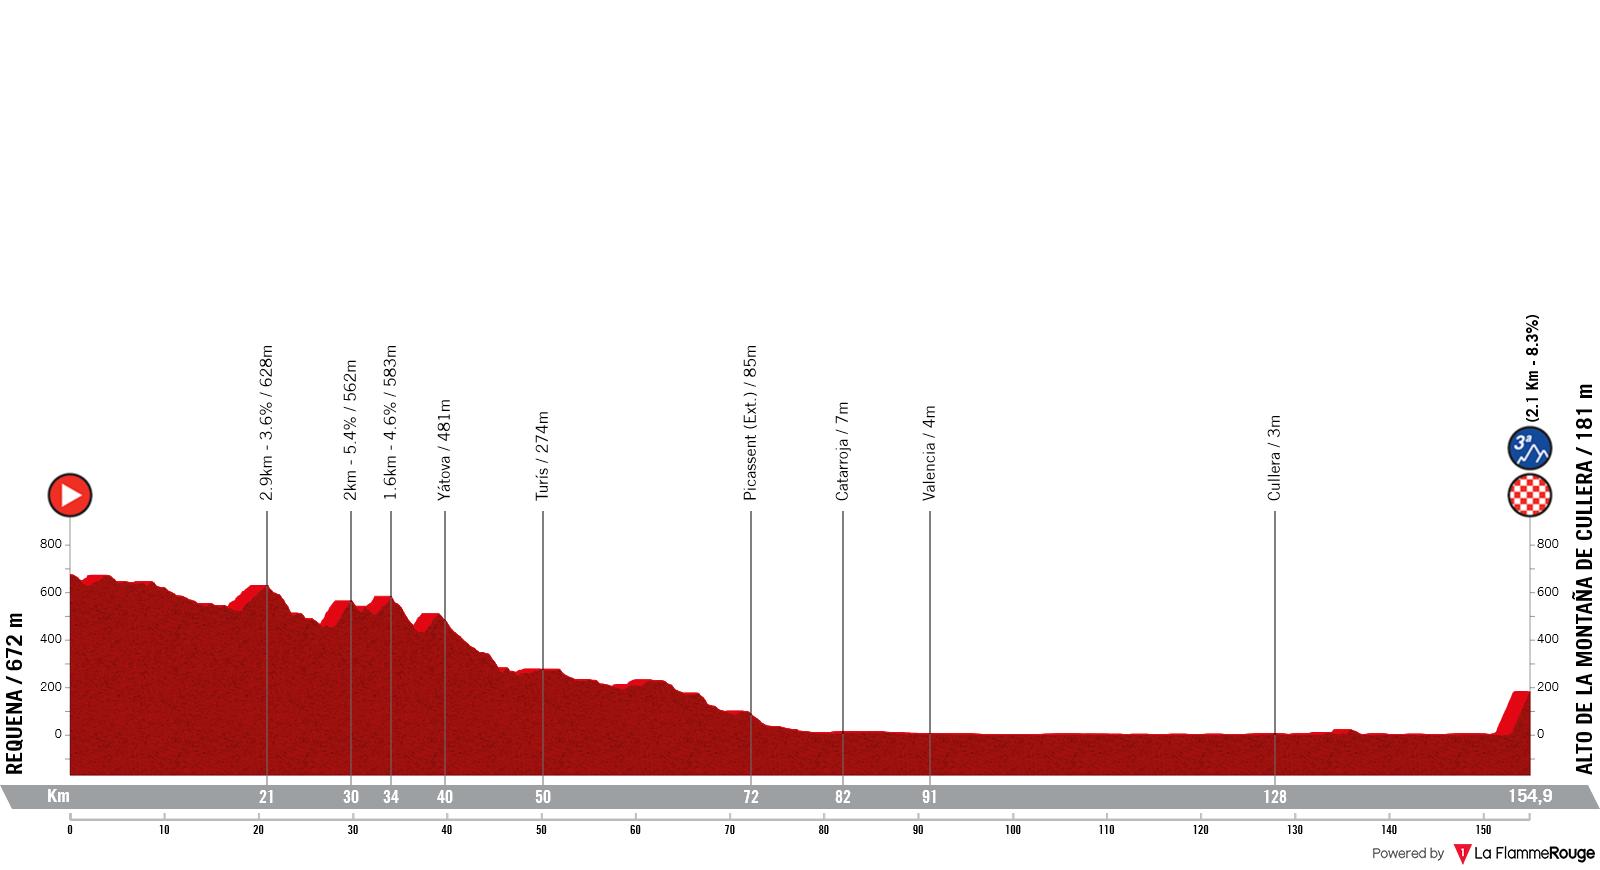 Etapa 6 - Vuelta España 2021 - Requena Alto de la Montaña de Cullera